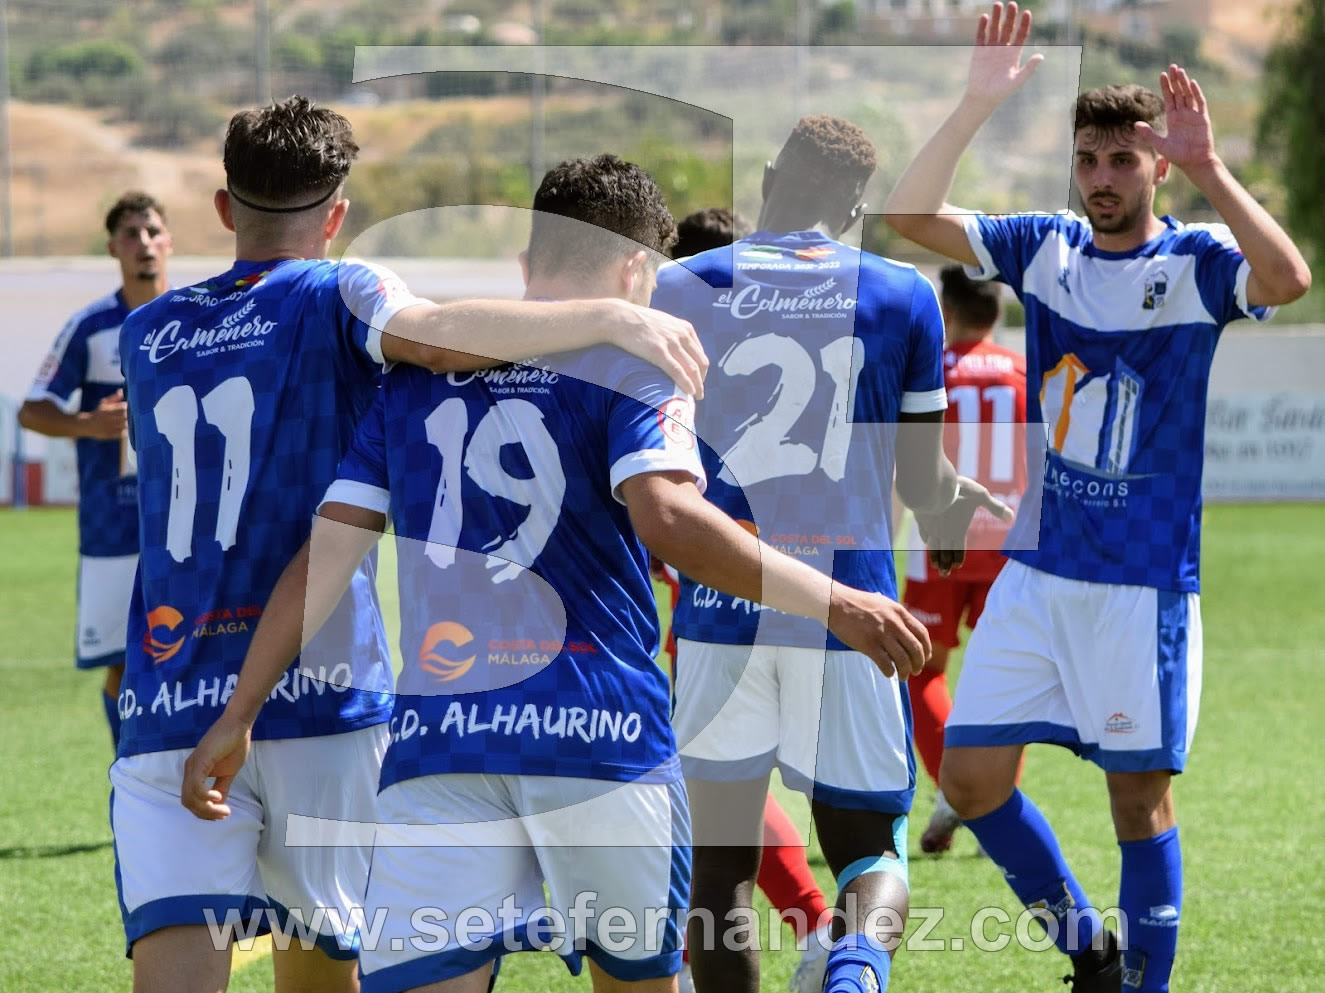 Los jugadores del CD Alhaurino celebran un gol ante el CD Torreperogil